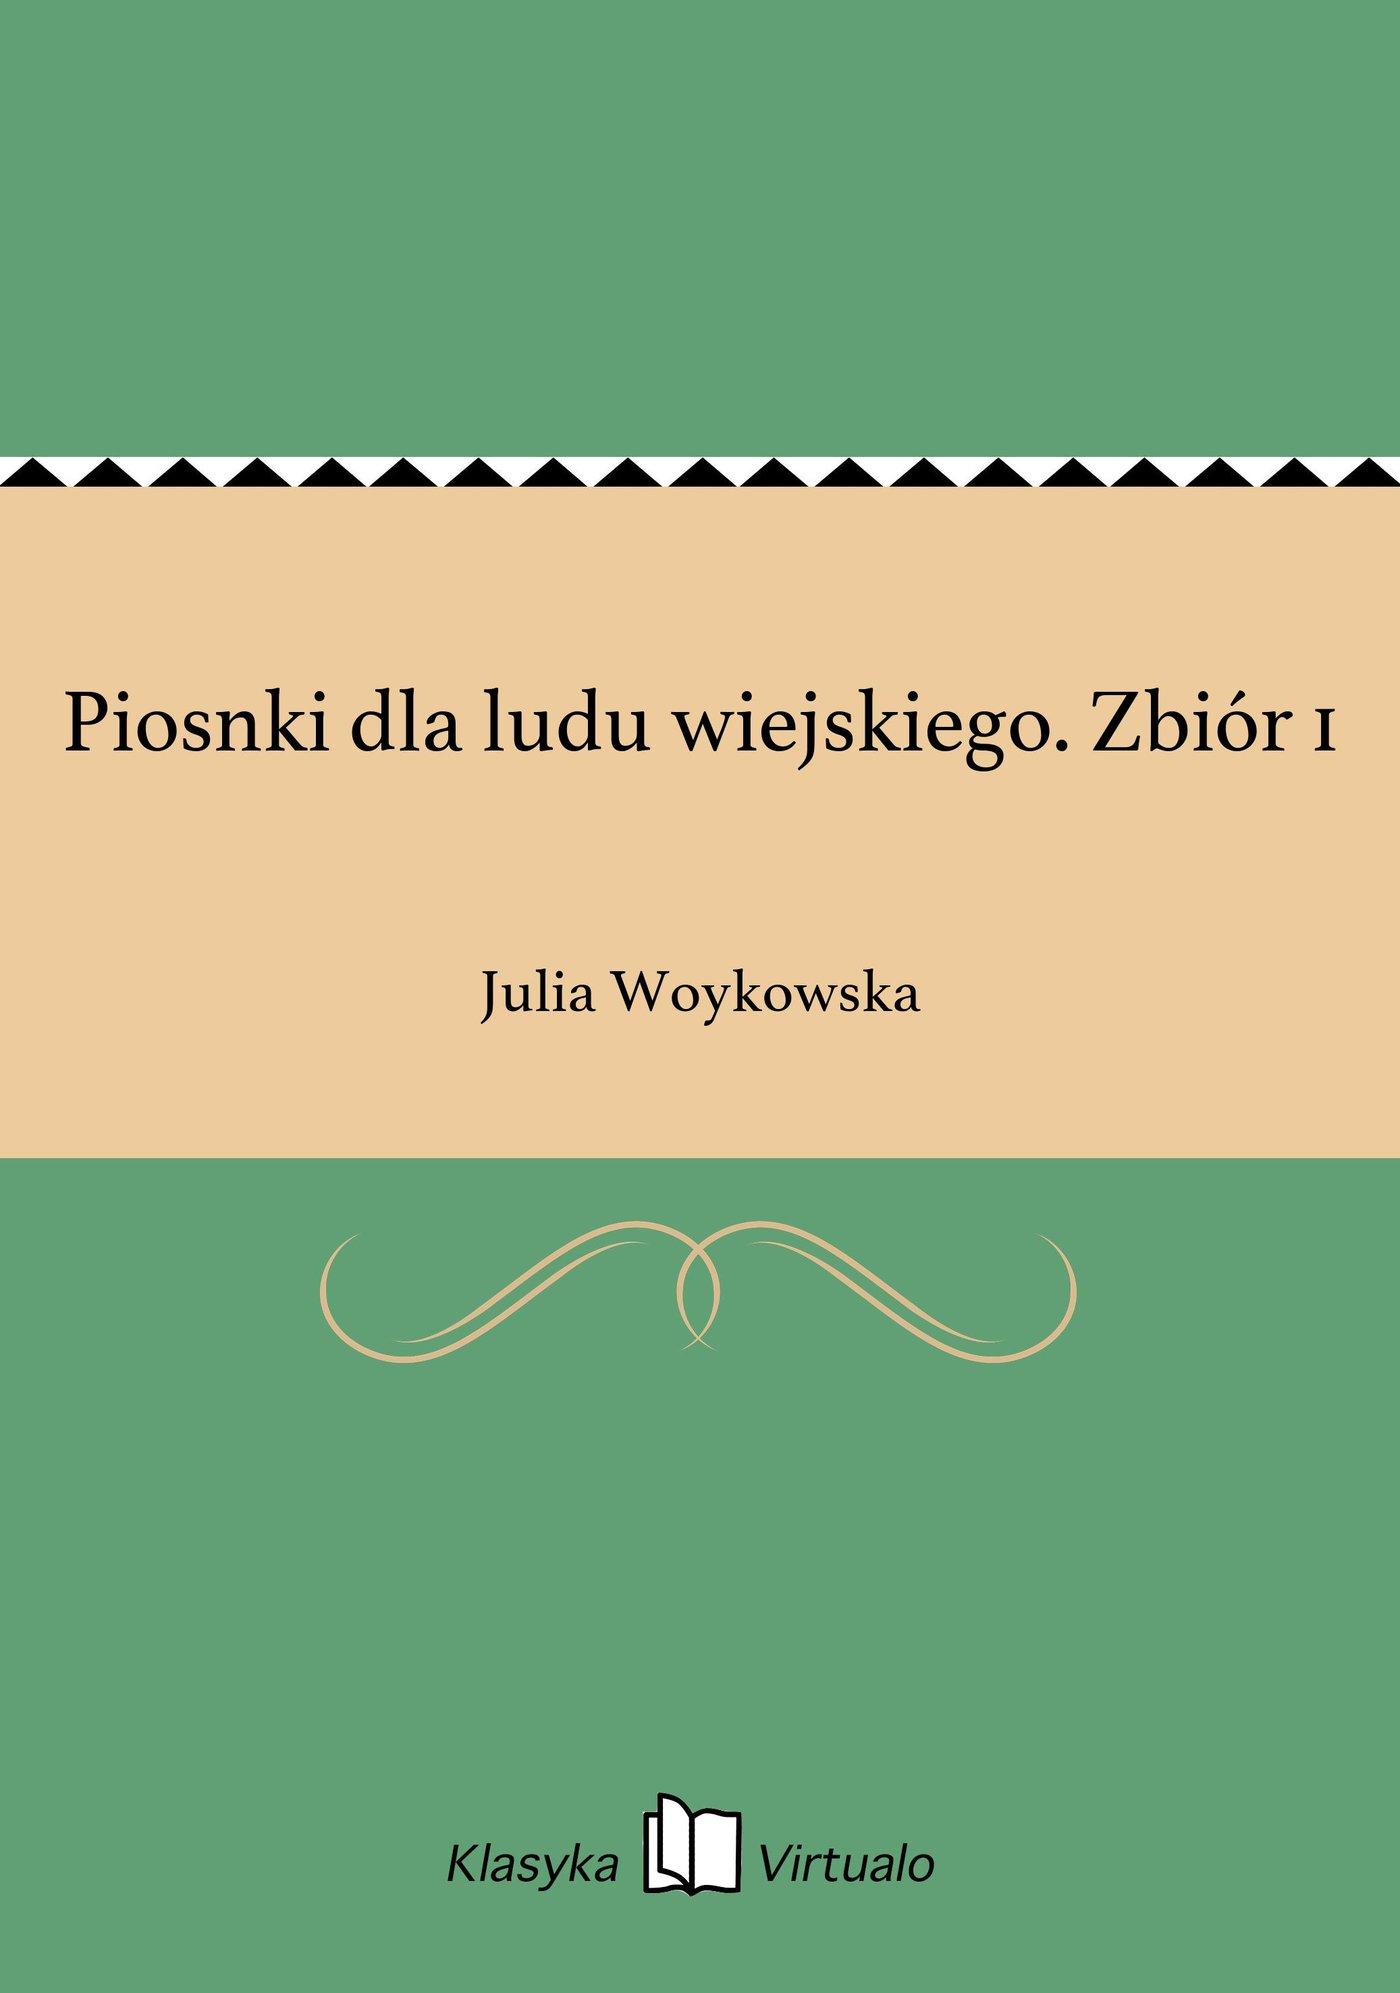 Piosnki dla ludu wiejskiego. Zbiór 1 - Ebook (Książka EPUB) do pobrania w formacie EPUB